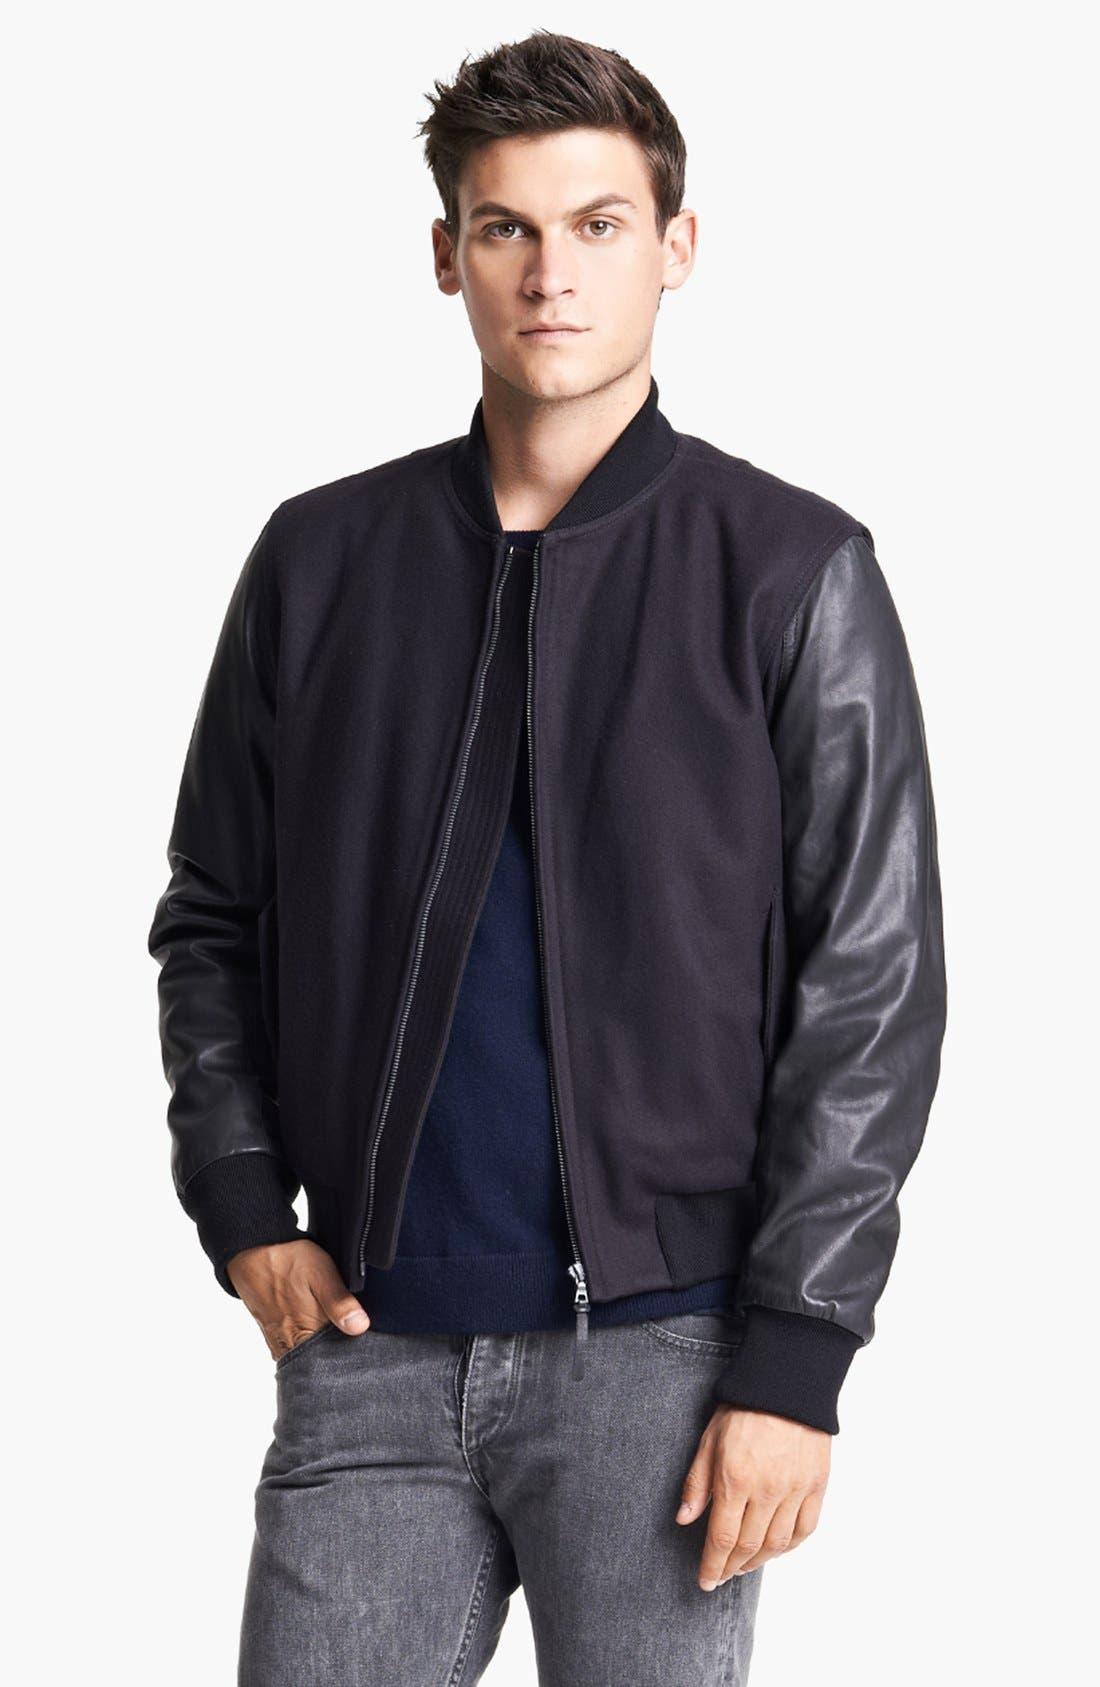 Main Image - rag & bone 'Bastion' Baseball Jacket with Leather Sleeves